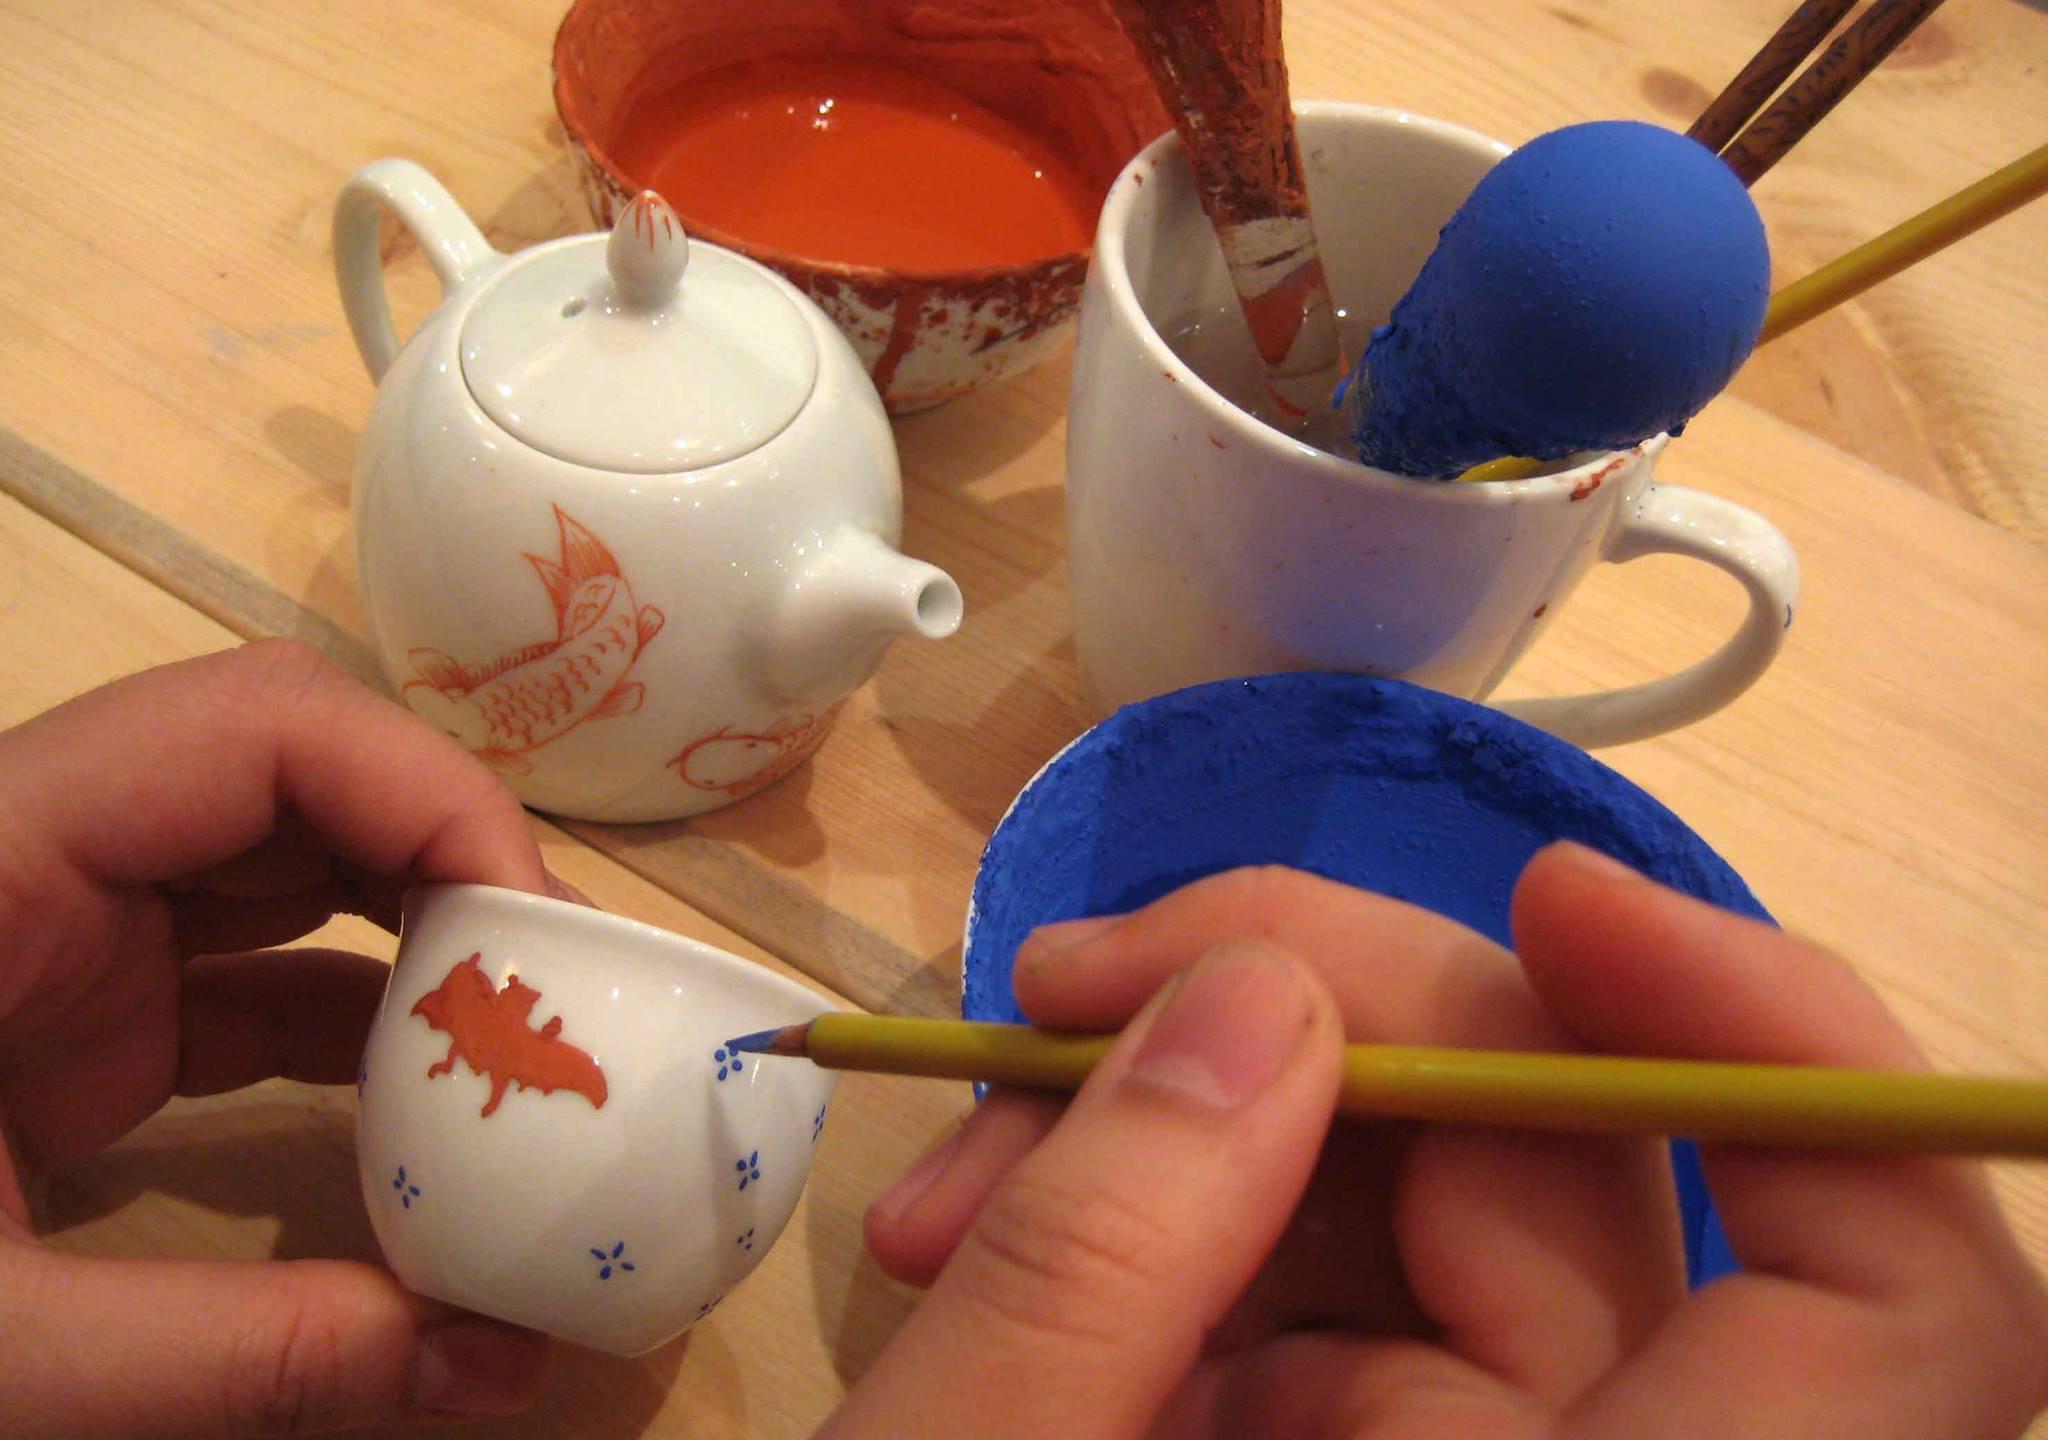 Workshop on Overglaze-painted Teaware